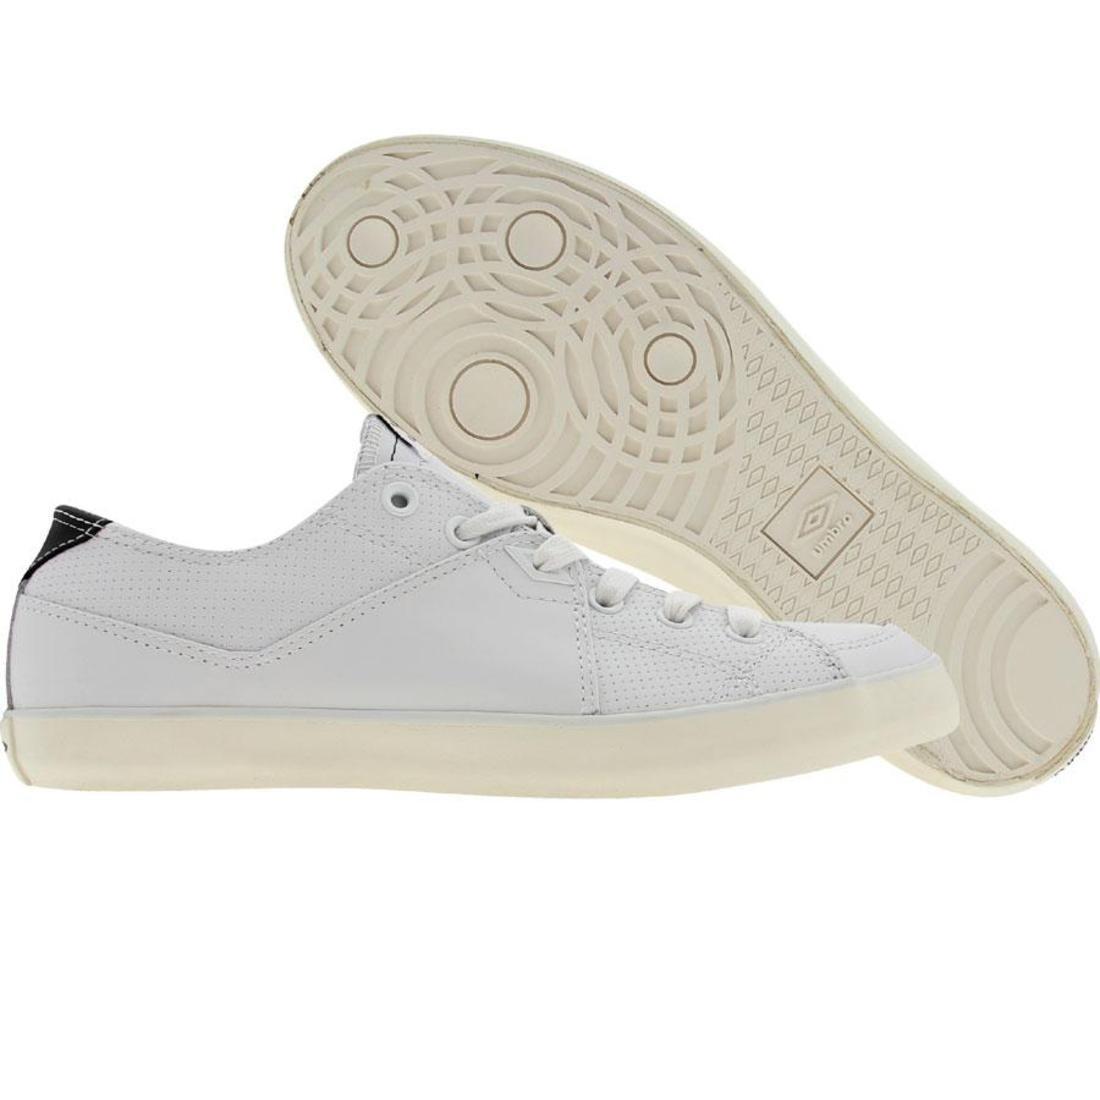 【海外限定】メンズ靴 スニーカー 【 UMBRO MILTON LEATHERA WHITE 】